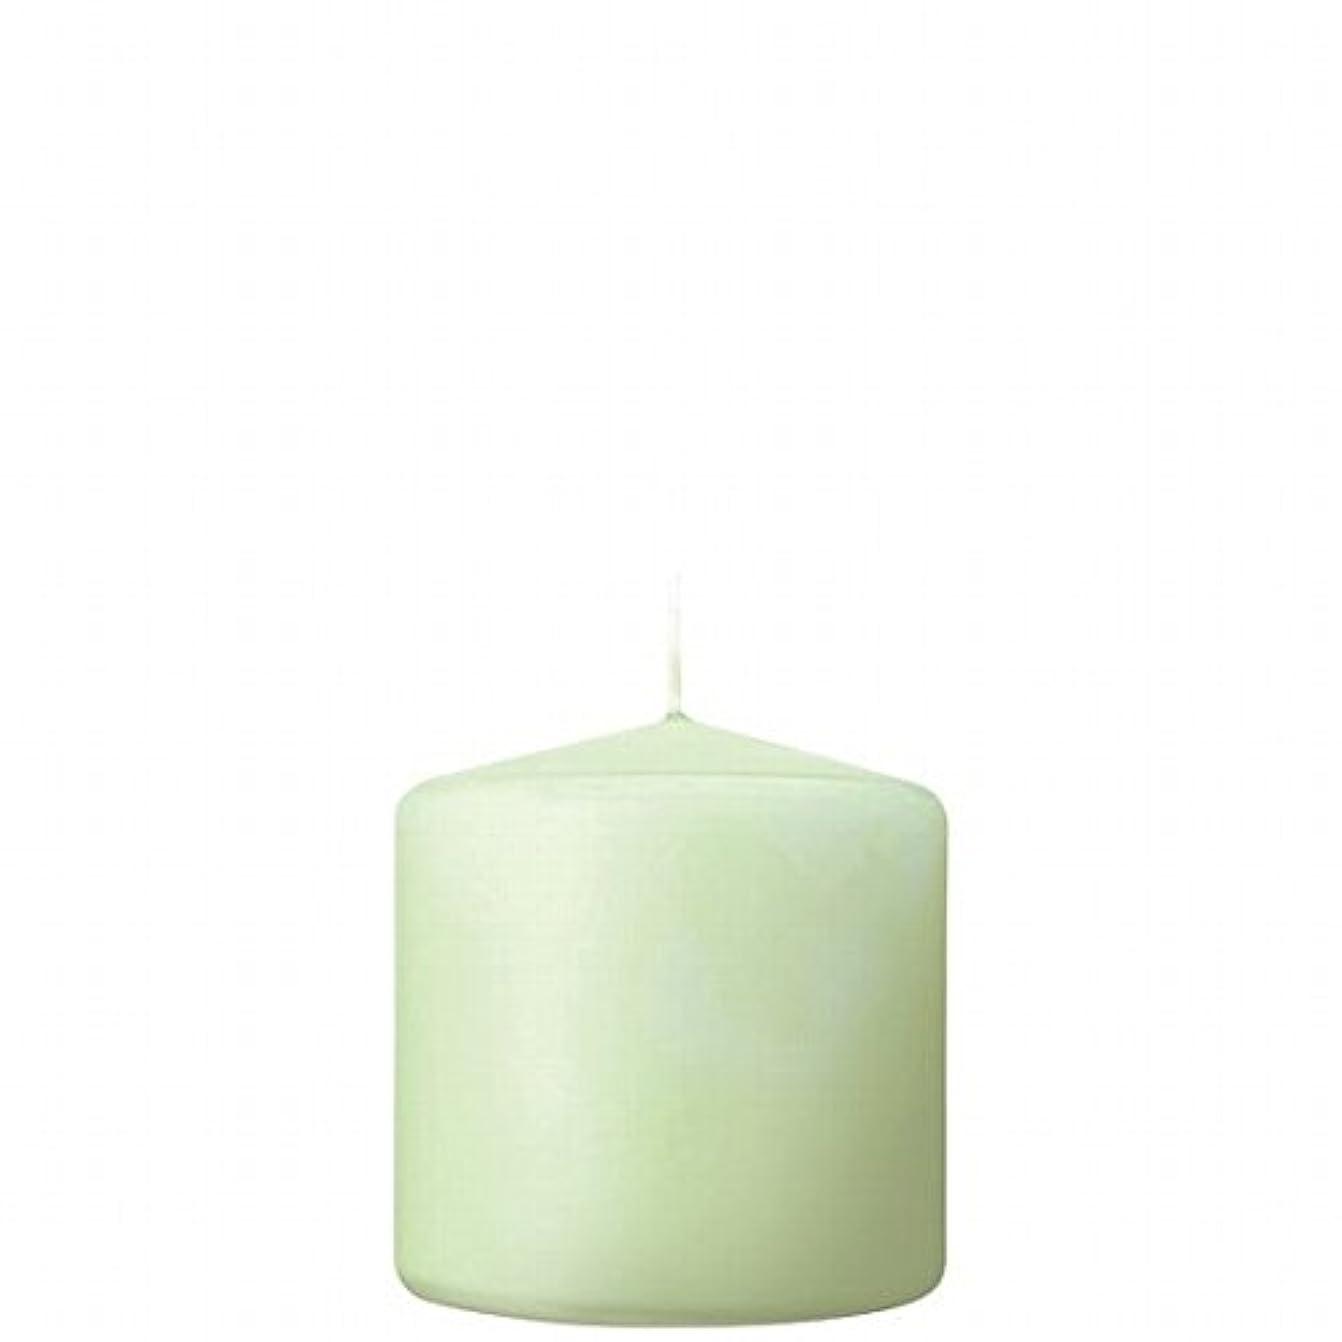 雰囲気強要ウェーハカメヤマキャンドル( kameyama candle ) 3×3ベルトップピラーキャンドル 「 ホワイトグリーン 」